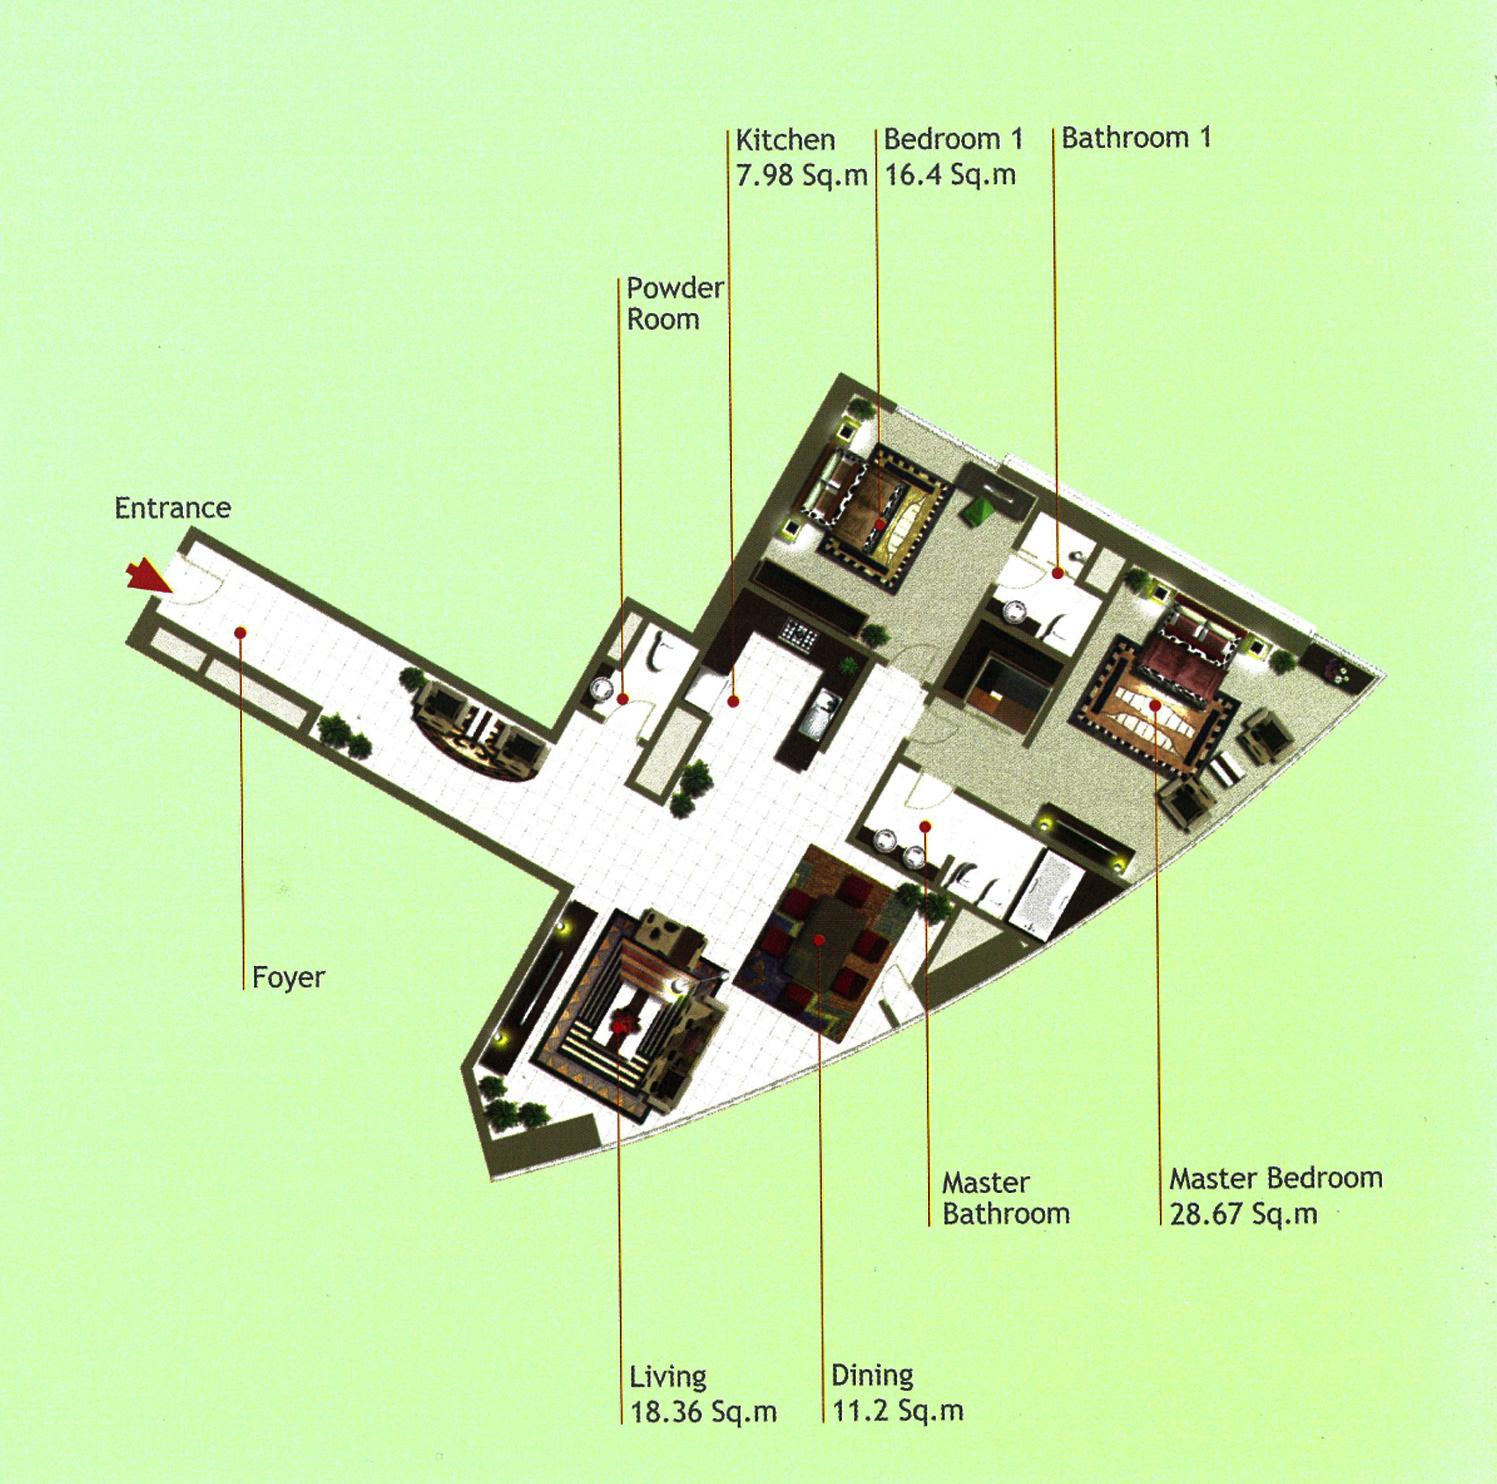 Rak Tower Floor Plan 2 Bedroom flat Type F